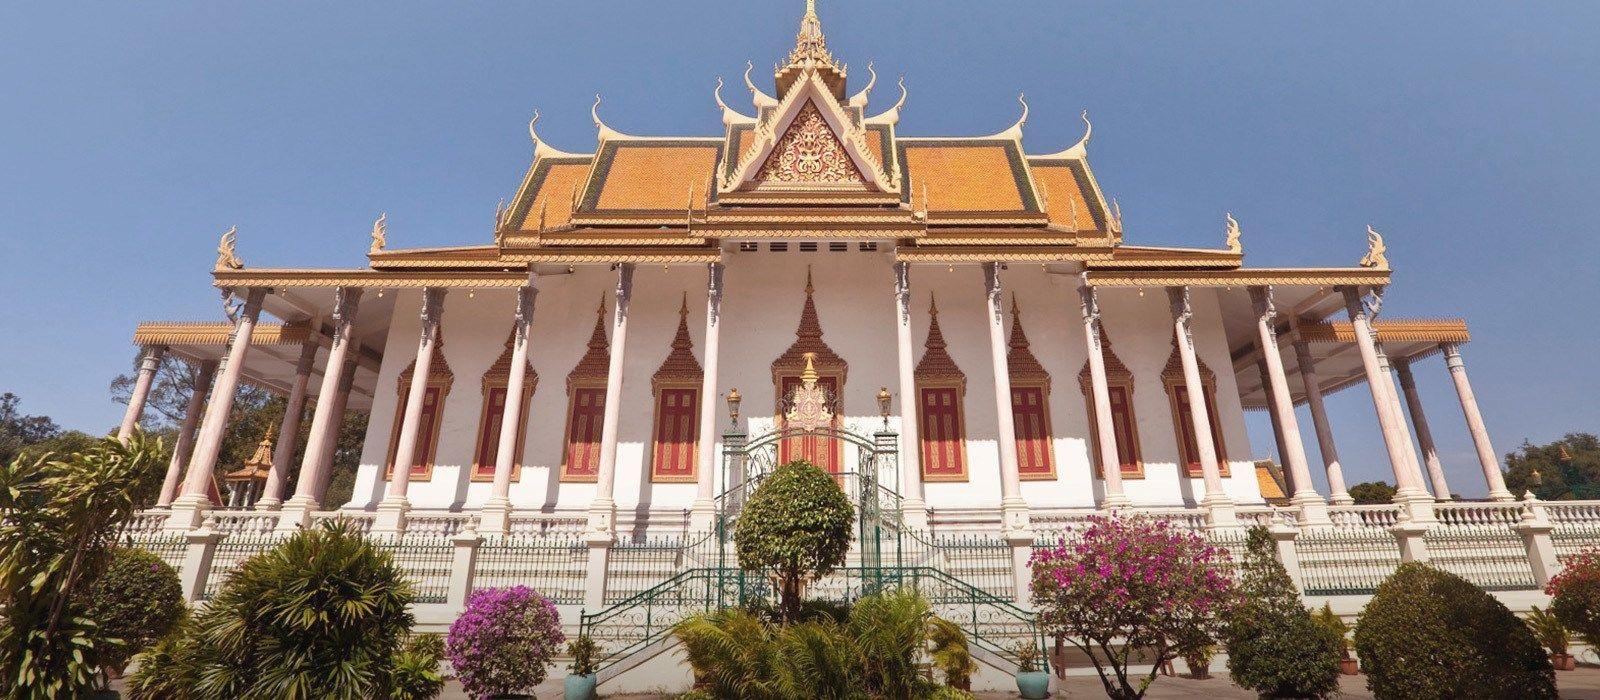 Reiseziel Phnom Penh Kambodscha